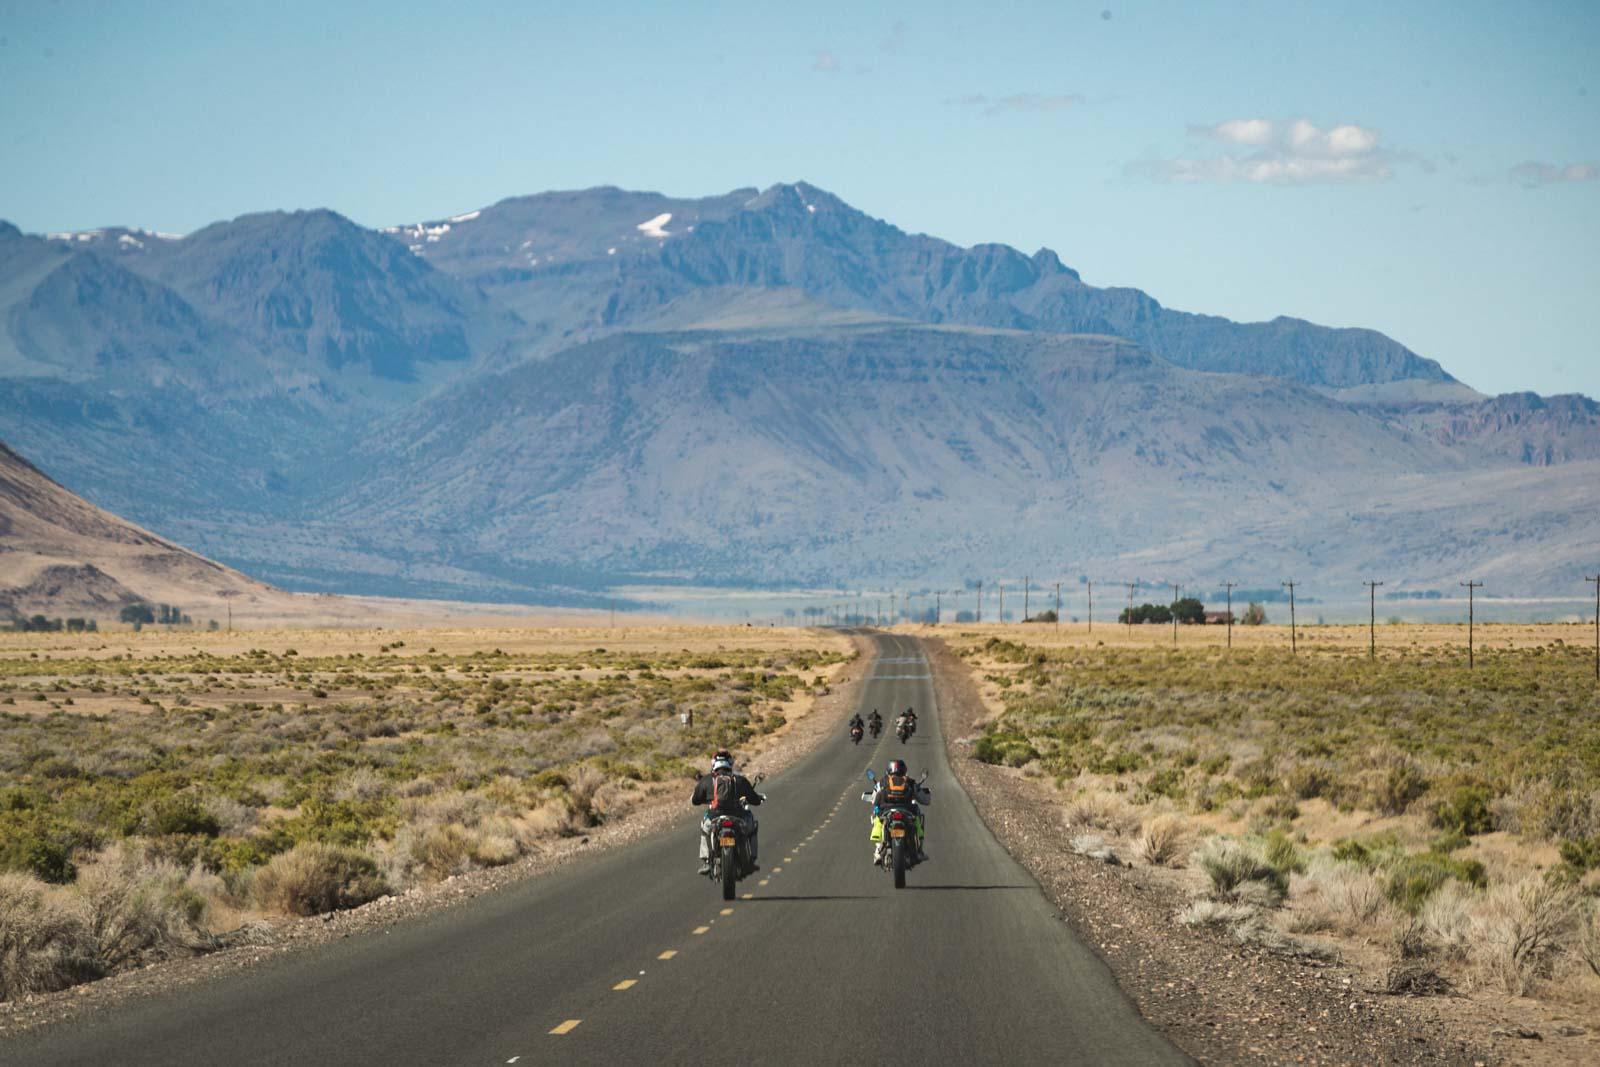 mountain-riding-adventure-motorcycle-tour-oregon